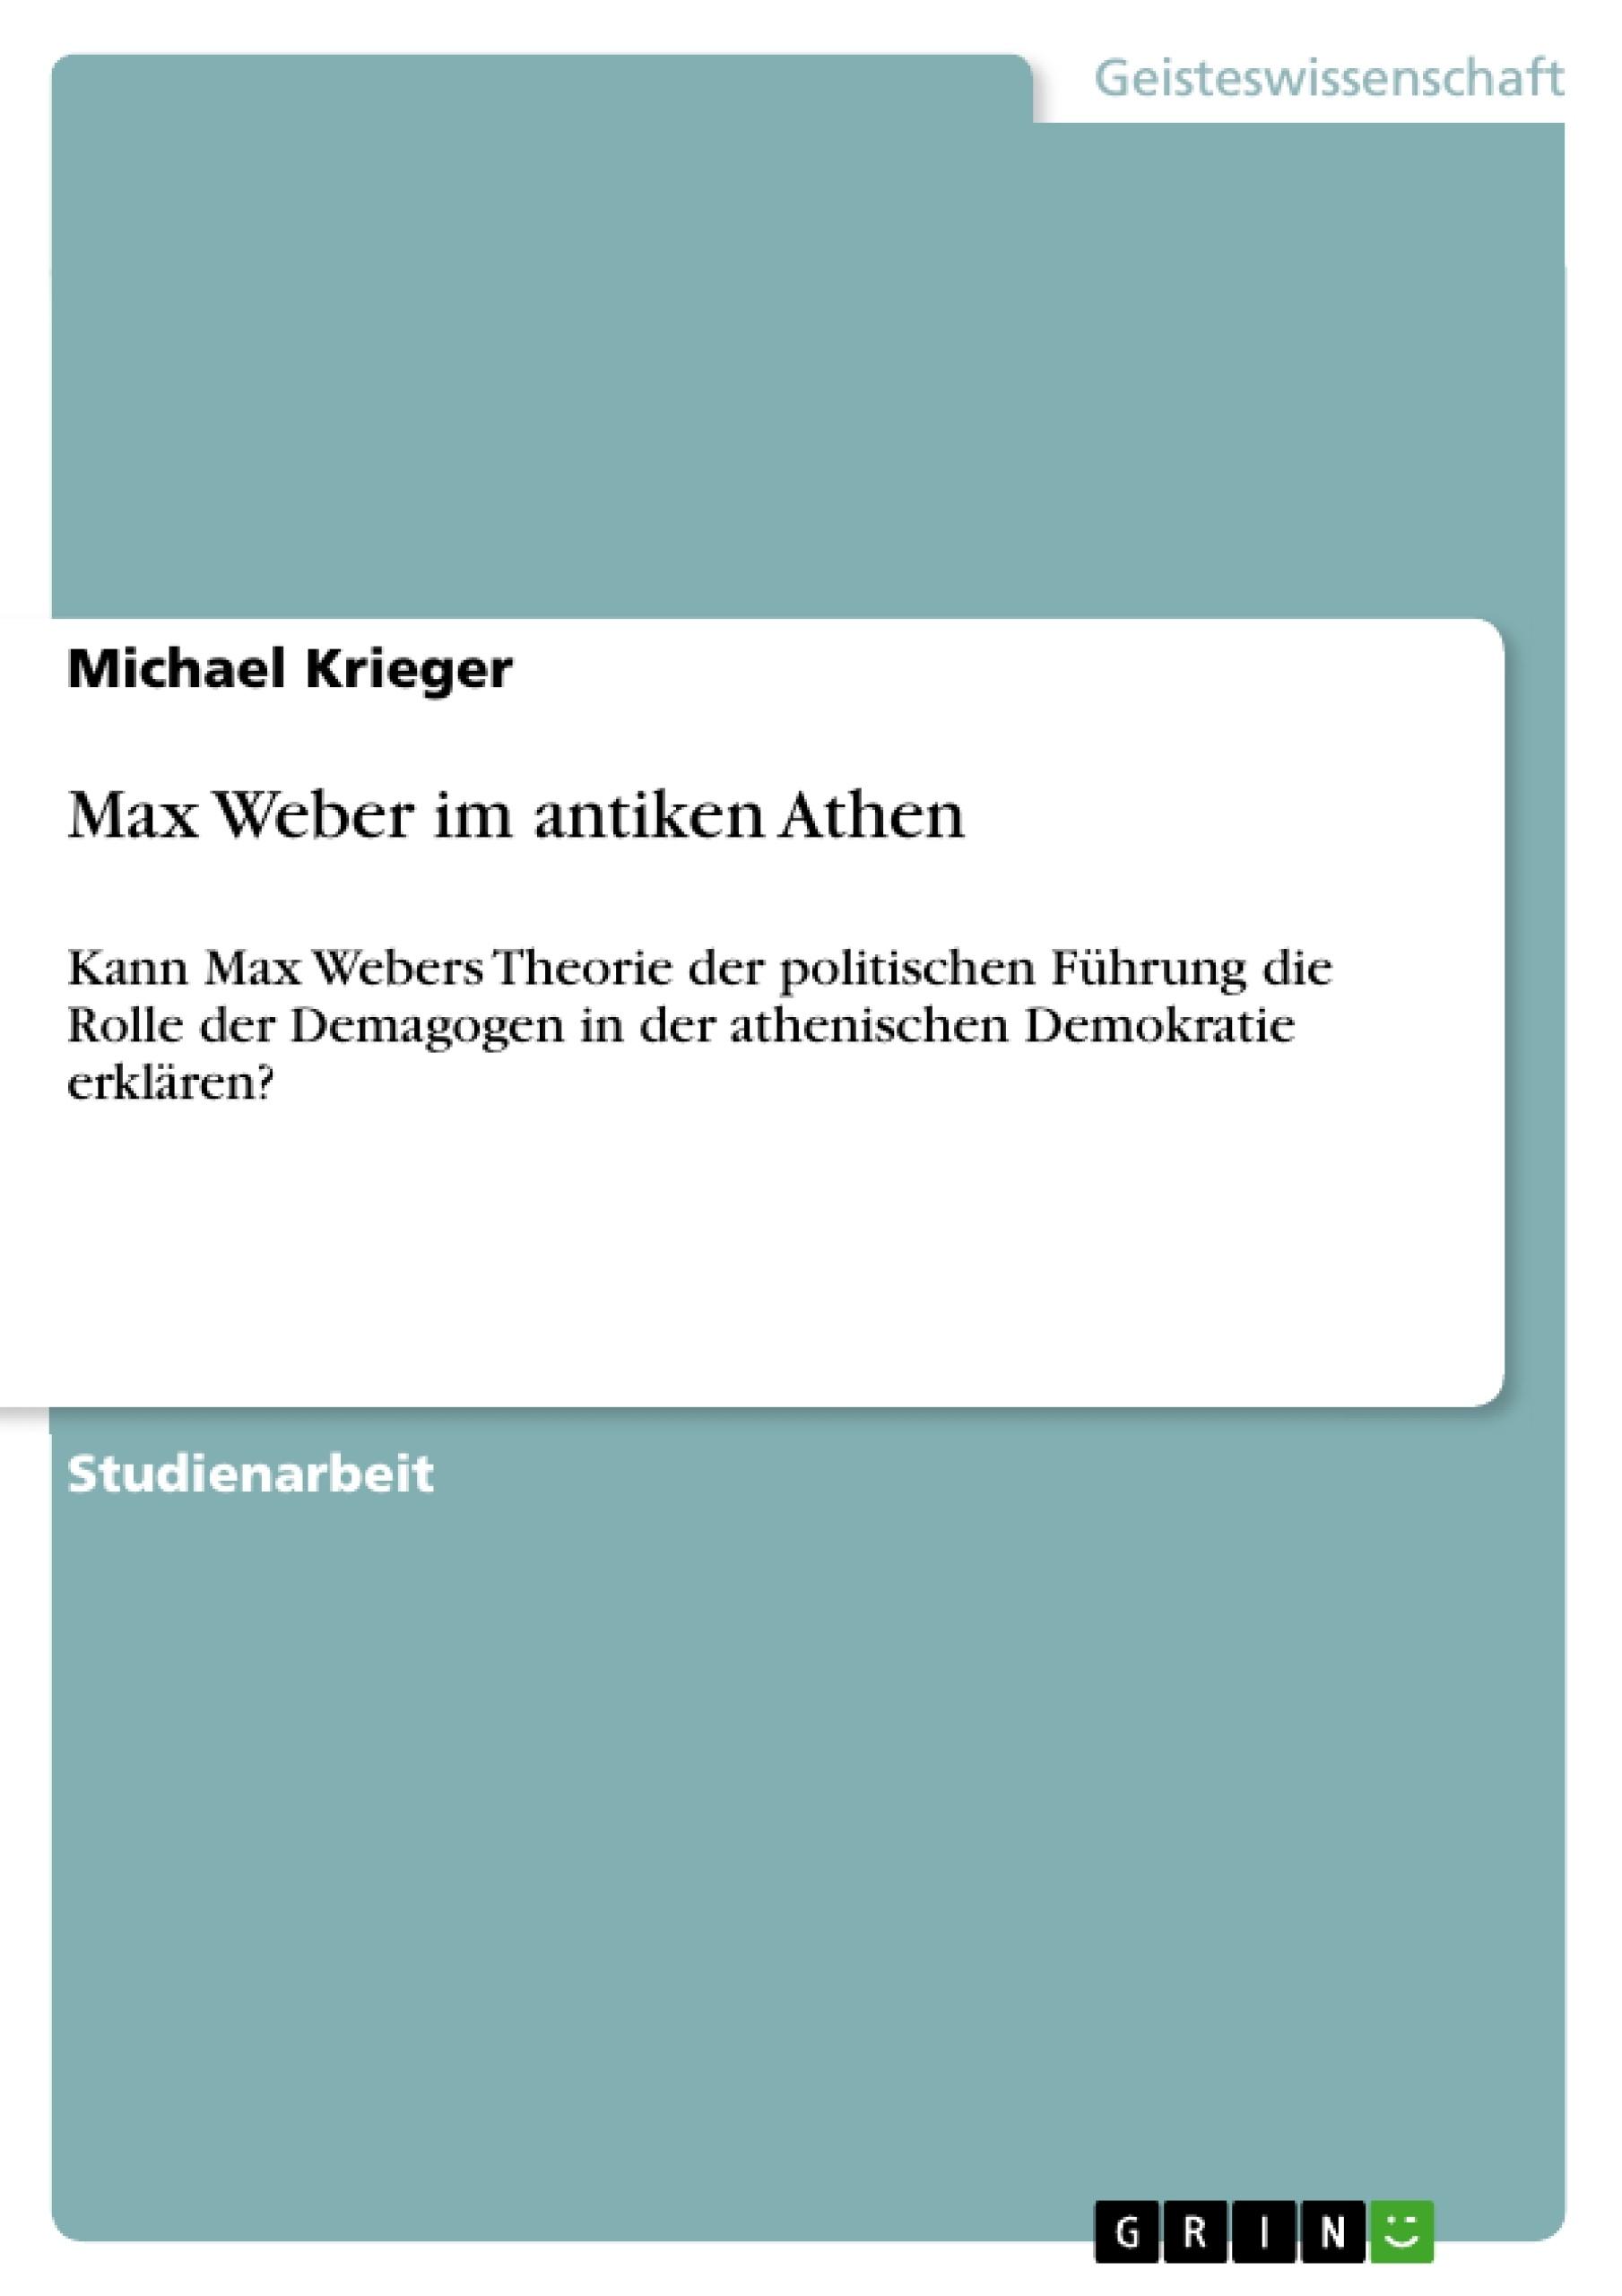 Titel: Max Weber im antiken Athen